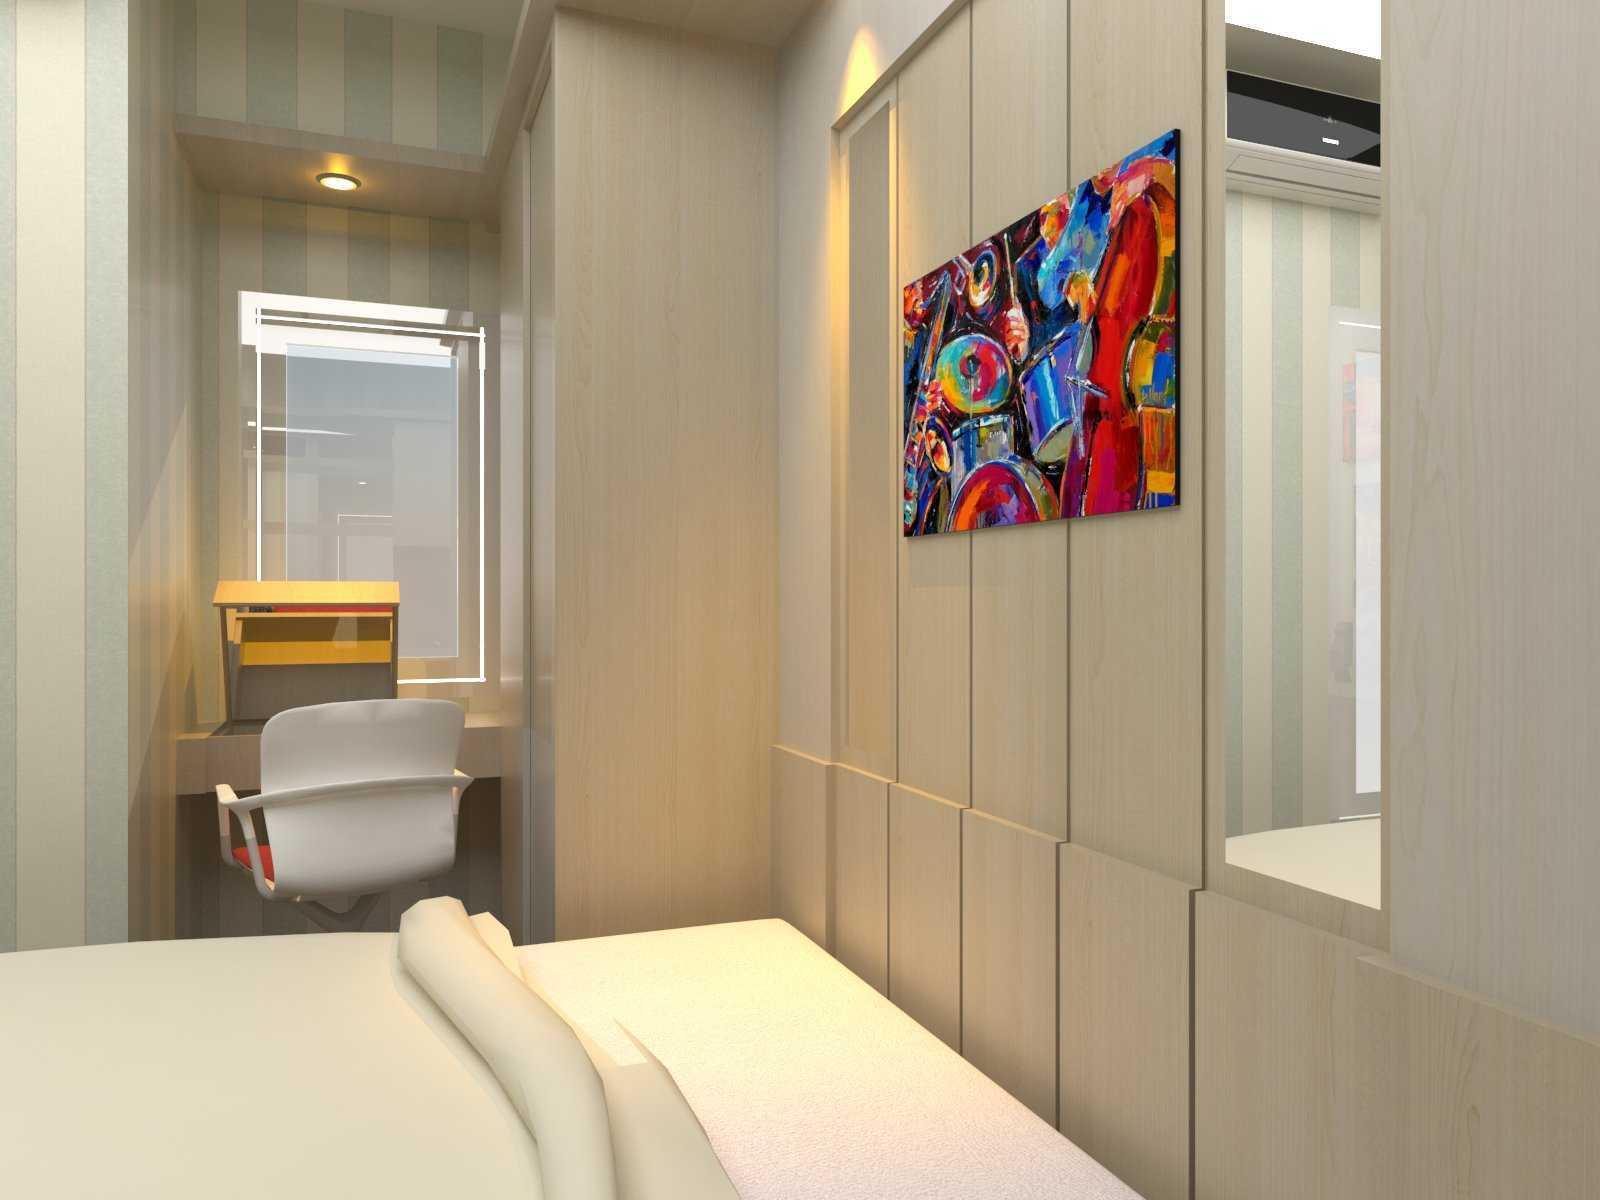 Studio Ffa Interior Apartemen Semarang, Kota Semarang, Jawa Tengah, Indonesia Semarang, Kota Semarang, Jawa Tengah, Indonesia Fery-Fauzi-Interior-Apartemen  111073